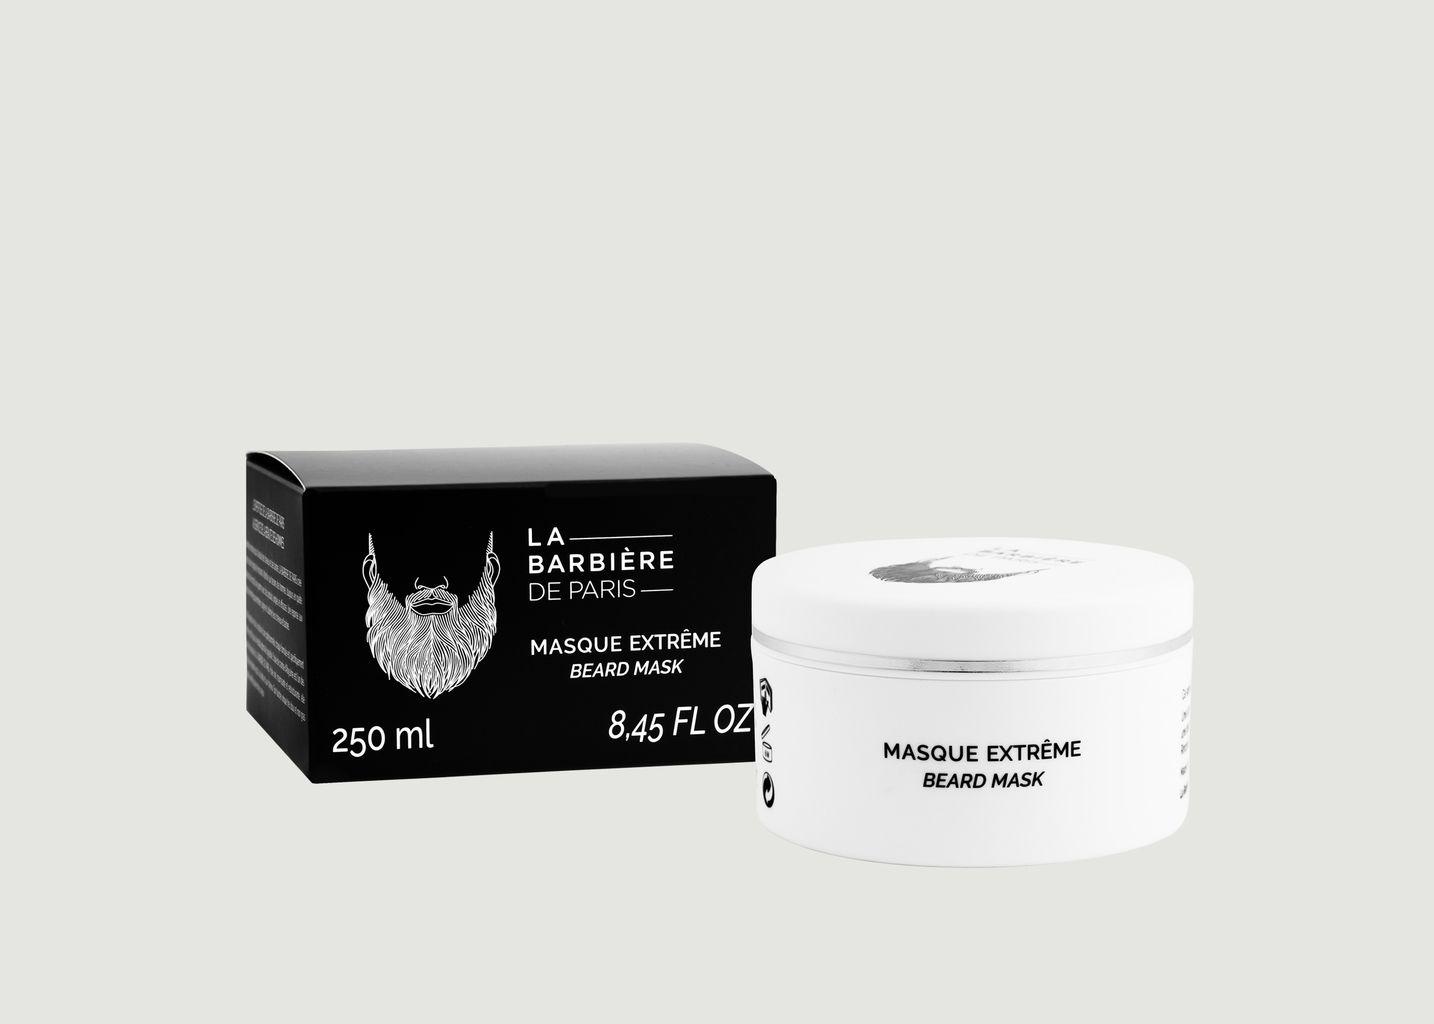 Masque Extrême - La Barbière de Paris